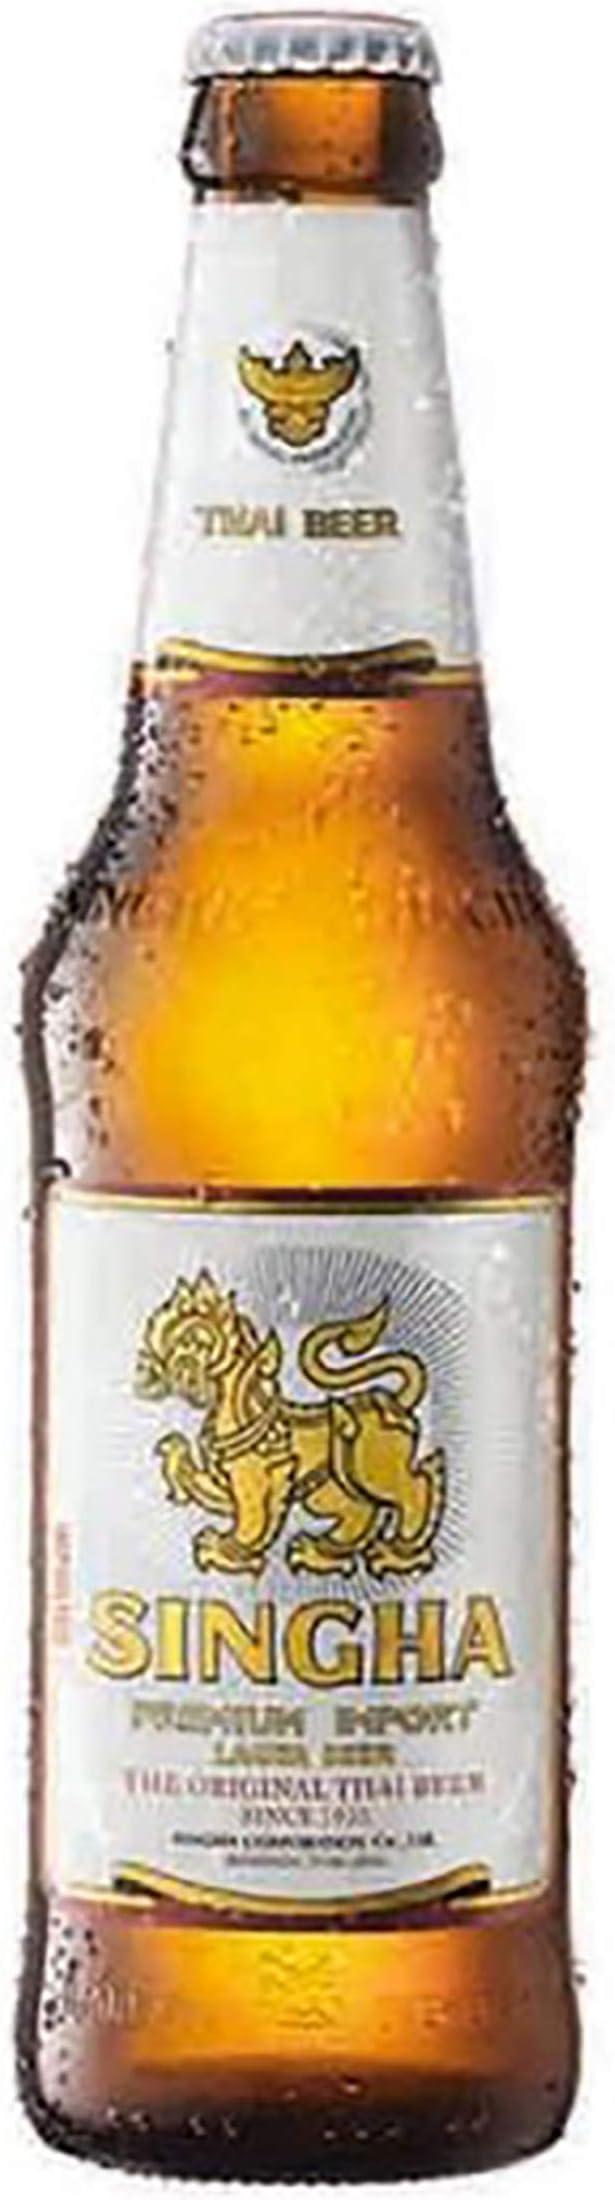 Caja selección cervezas del mundo. 9 cervezas perfectas para descubrir cervezas de Europa, Asia y América.: Amazon.es: Alimentación y bebidas